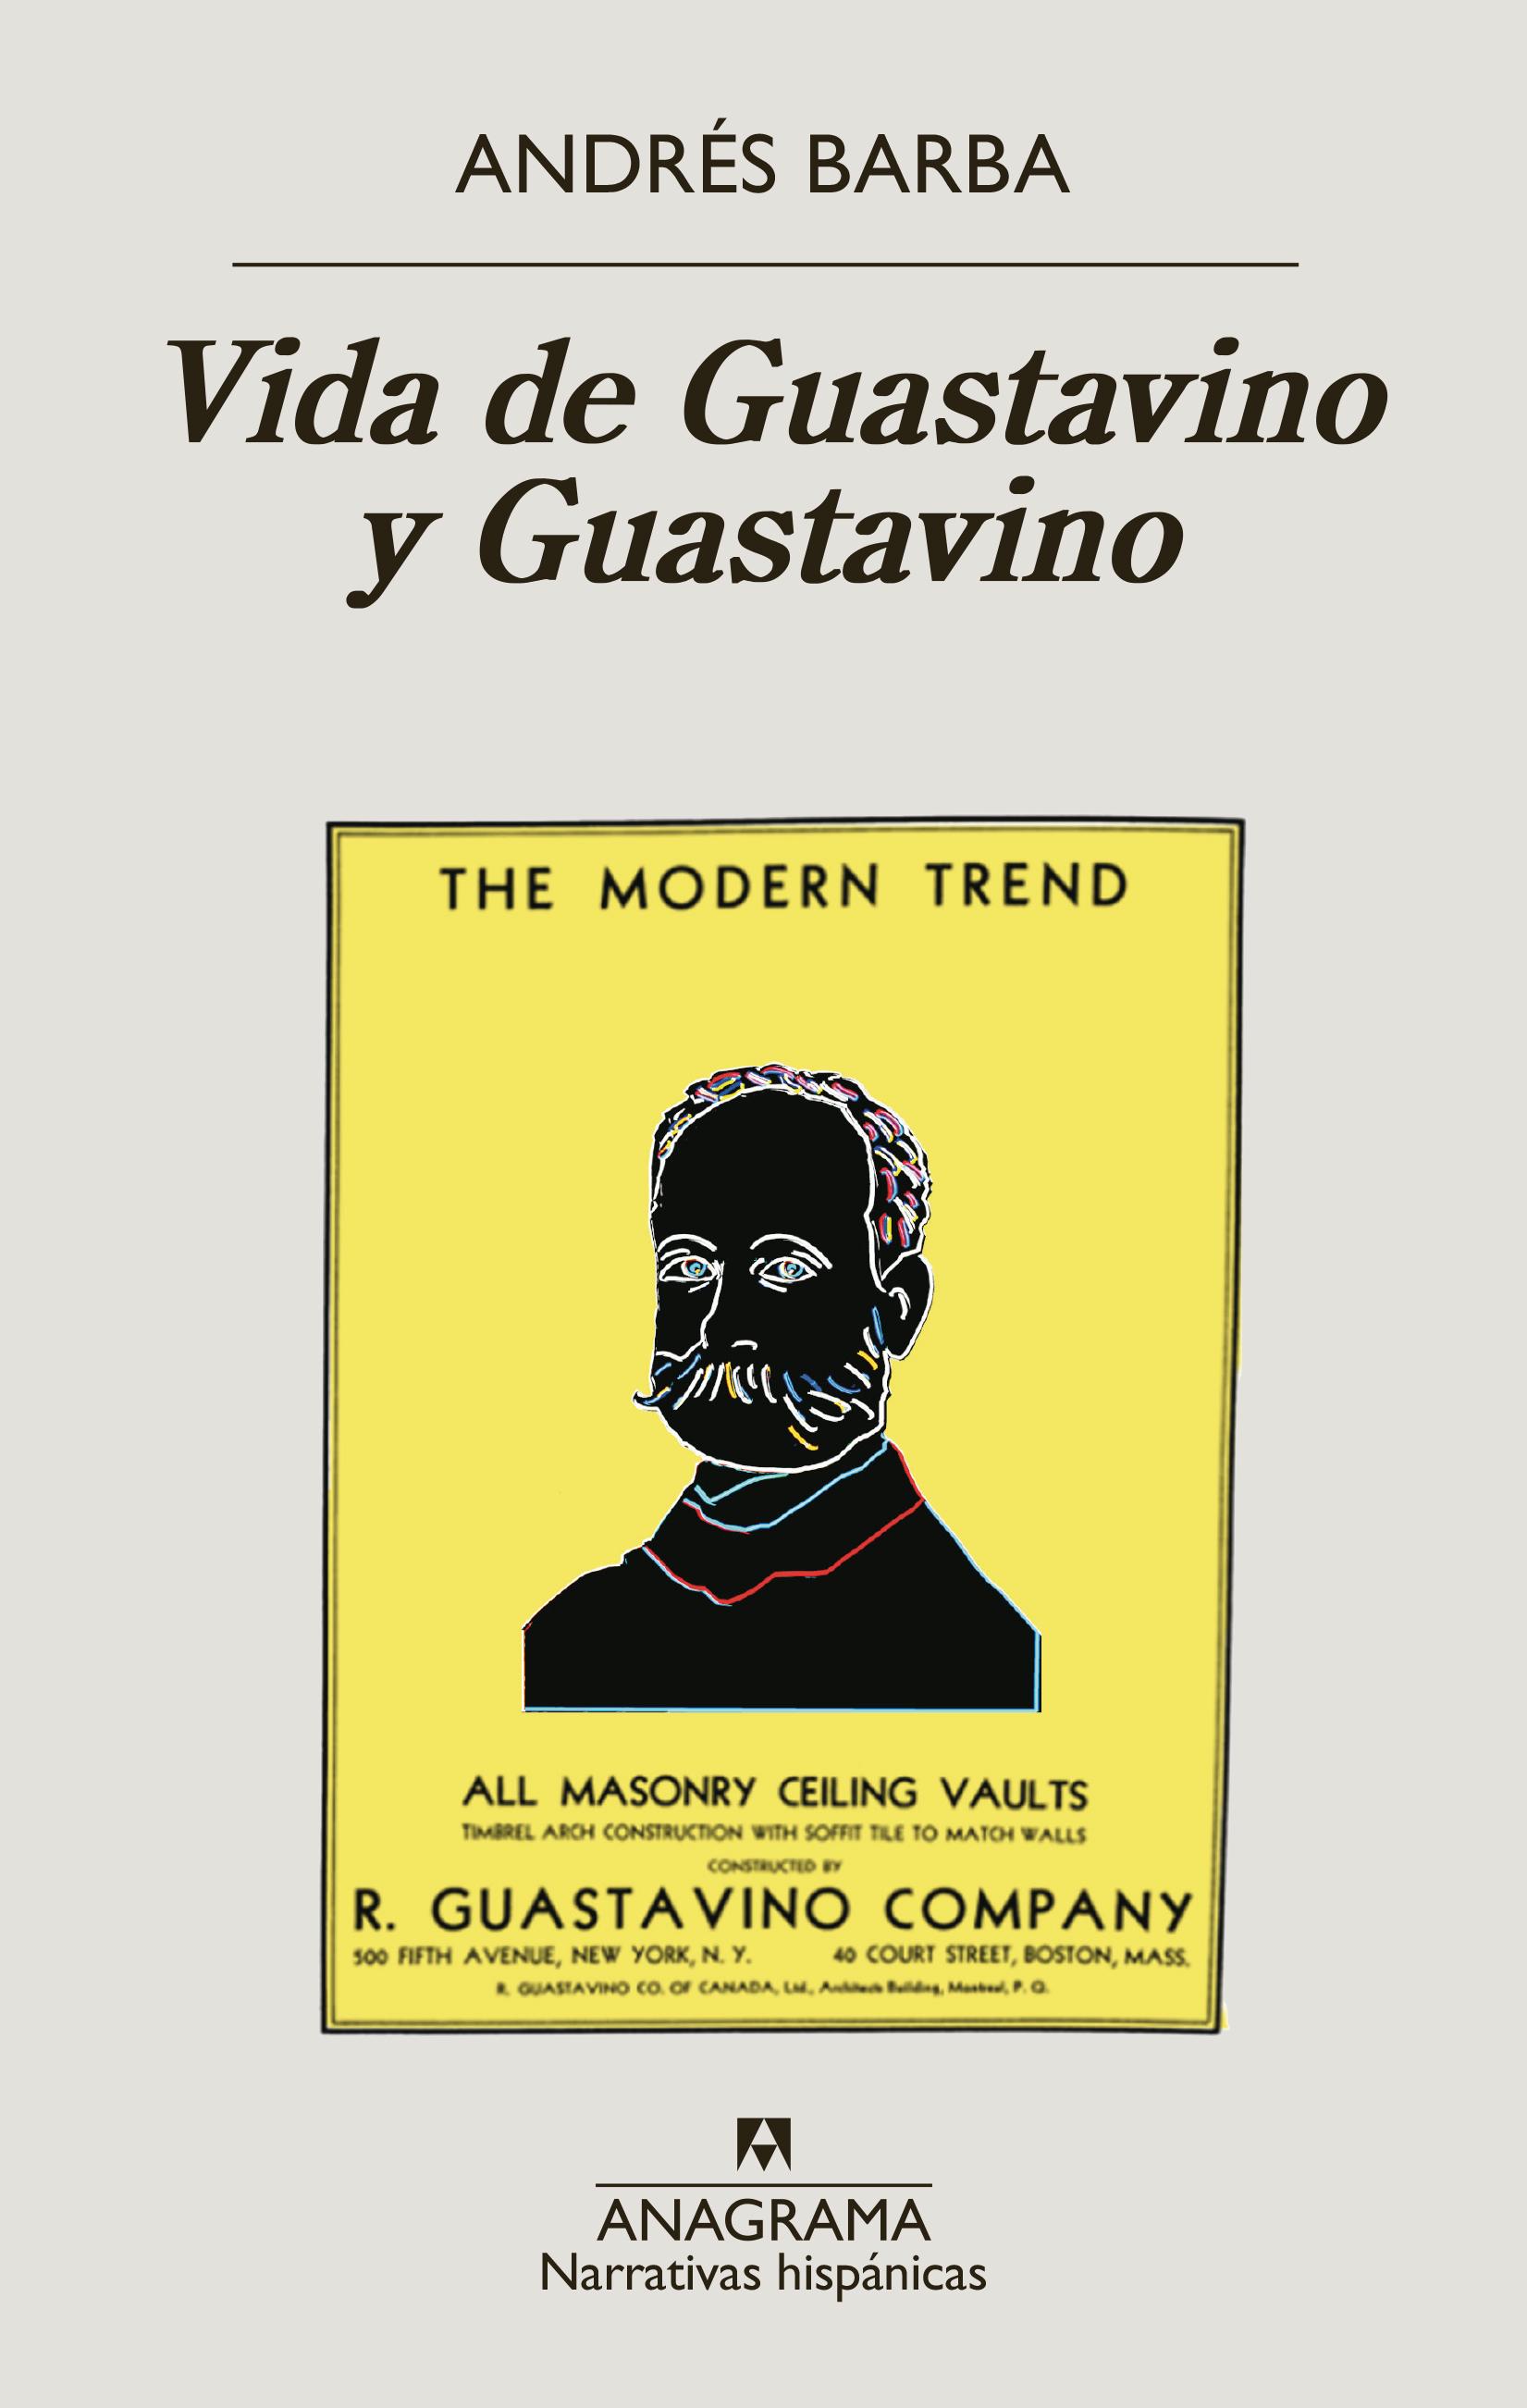 Vida de Guastavino y Guastavino - Barba, Andrés - 978-84-339-9909-2 -  Editorial Anagrama